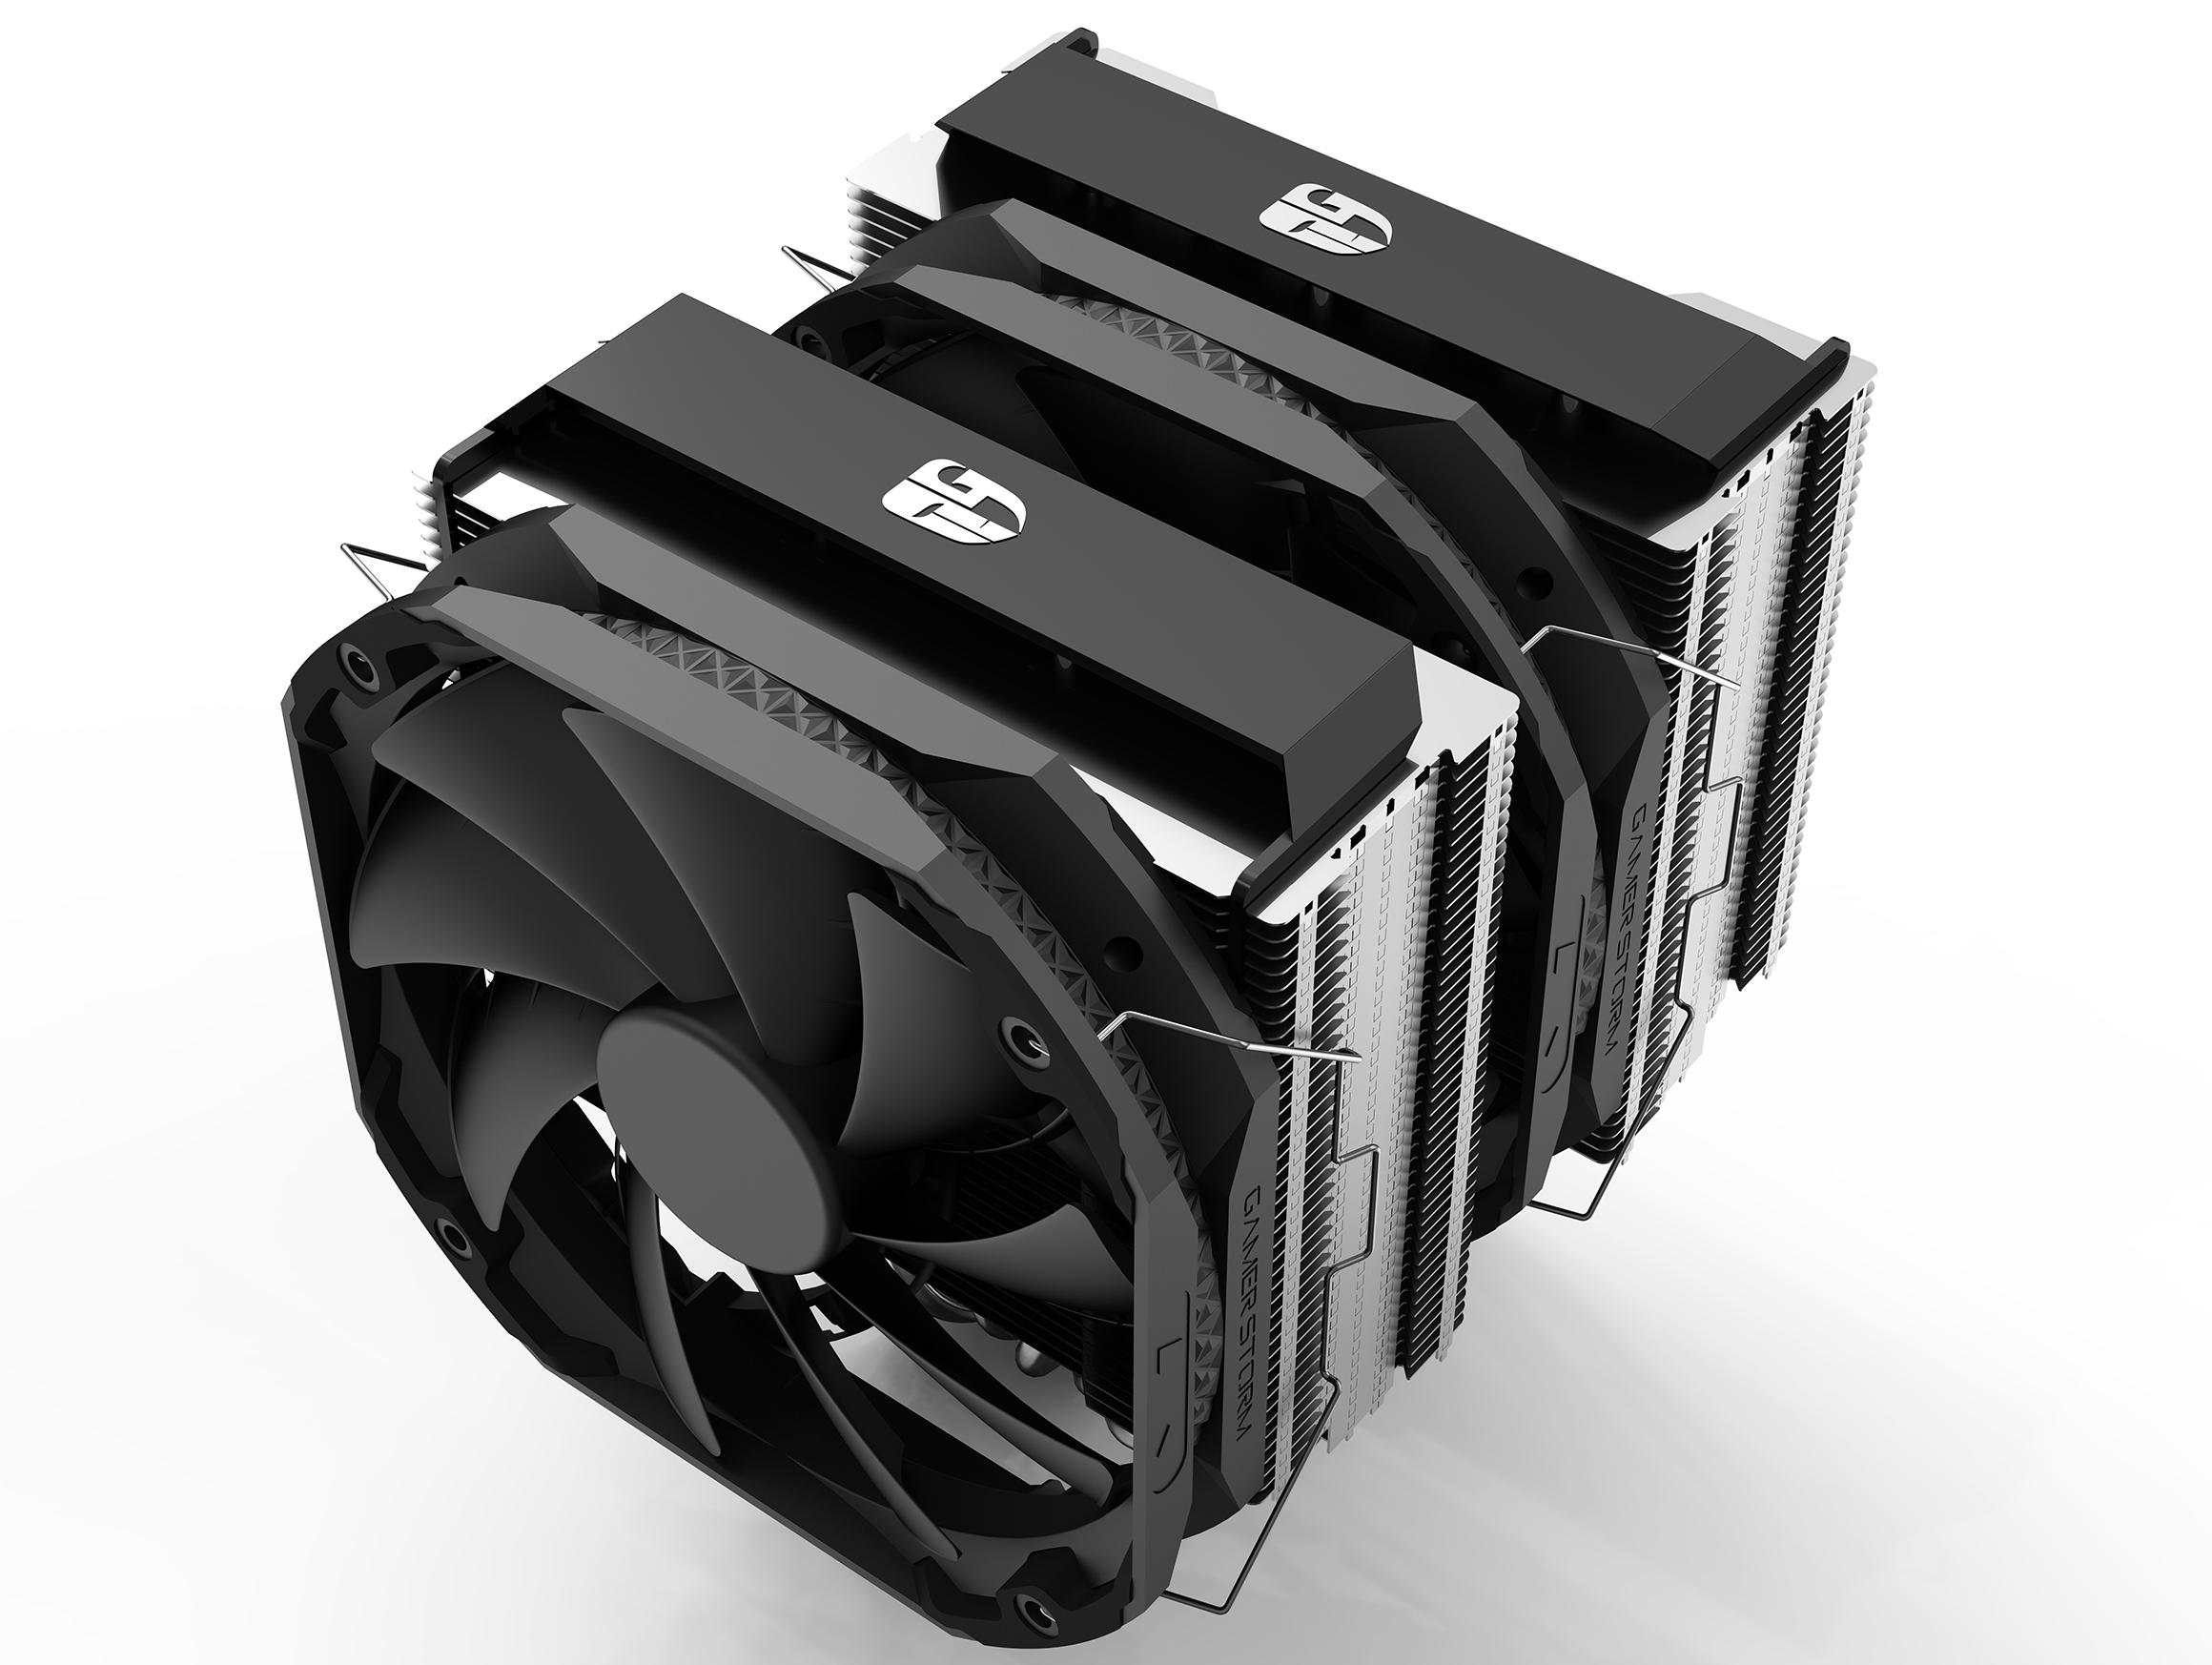 مشخصات خنک کننده پردازنده دیپ کول مدل Assassin III